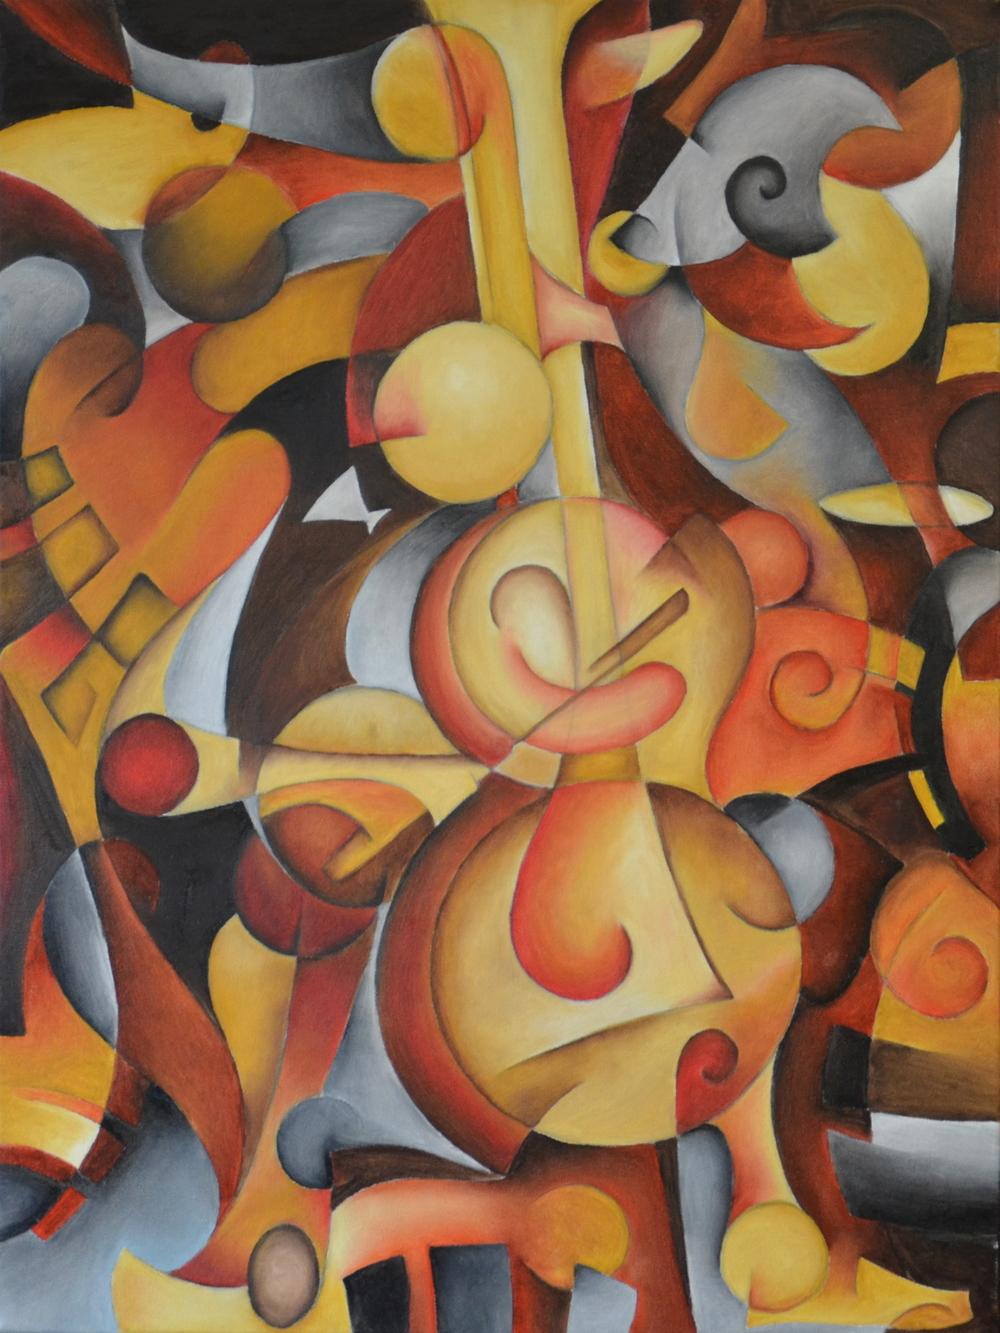 Ze Cello Player